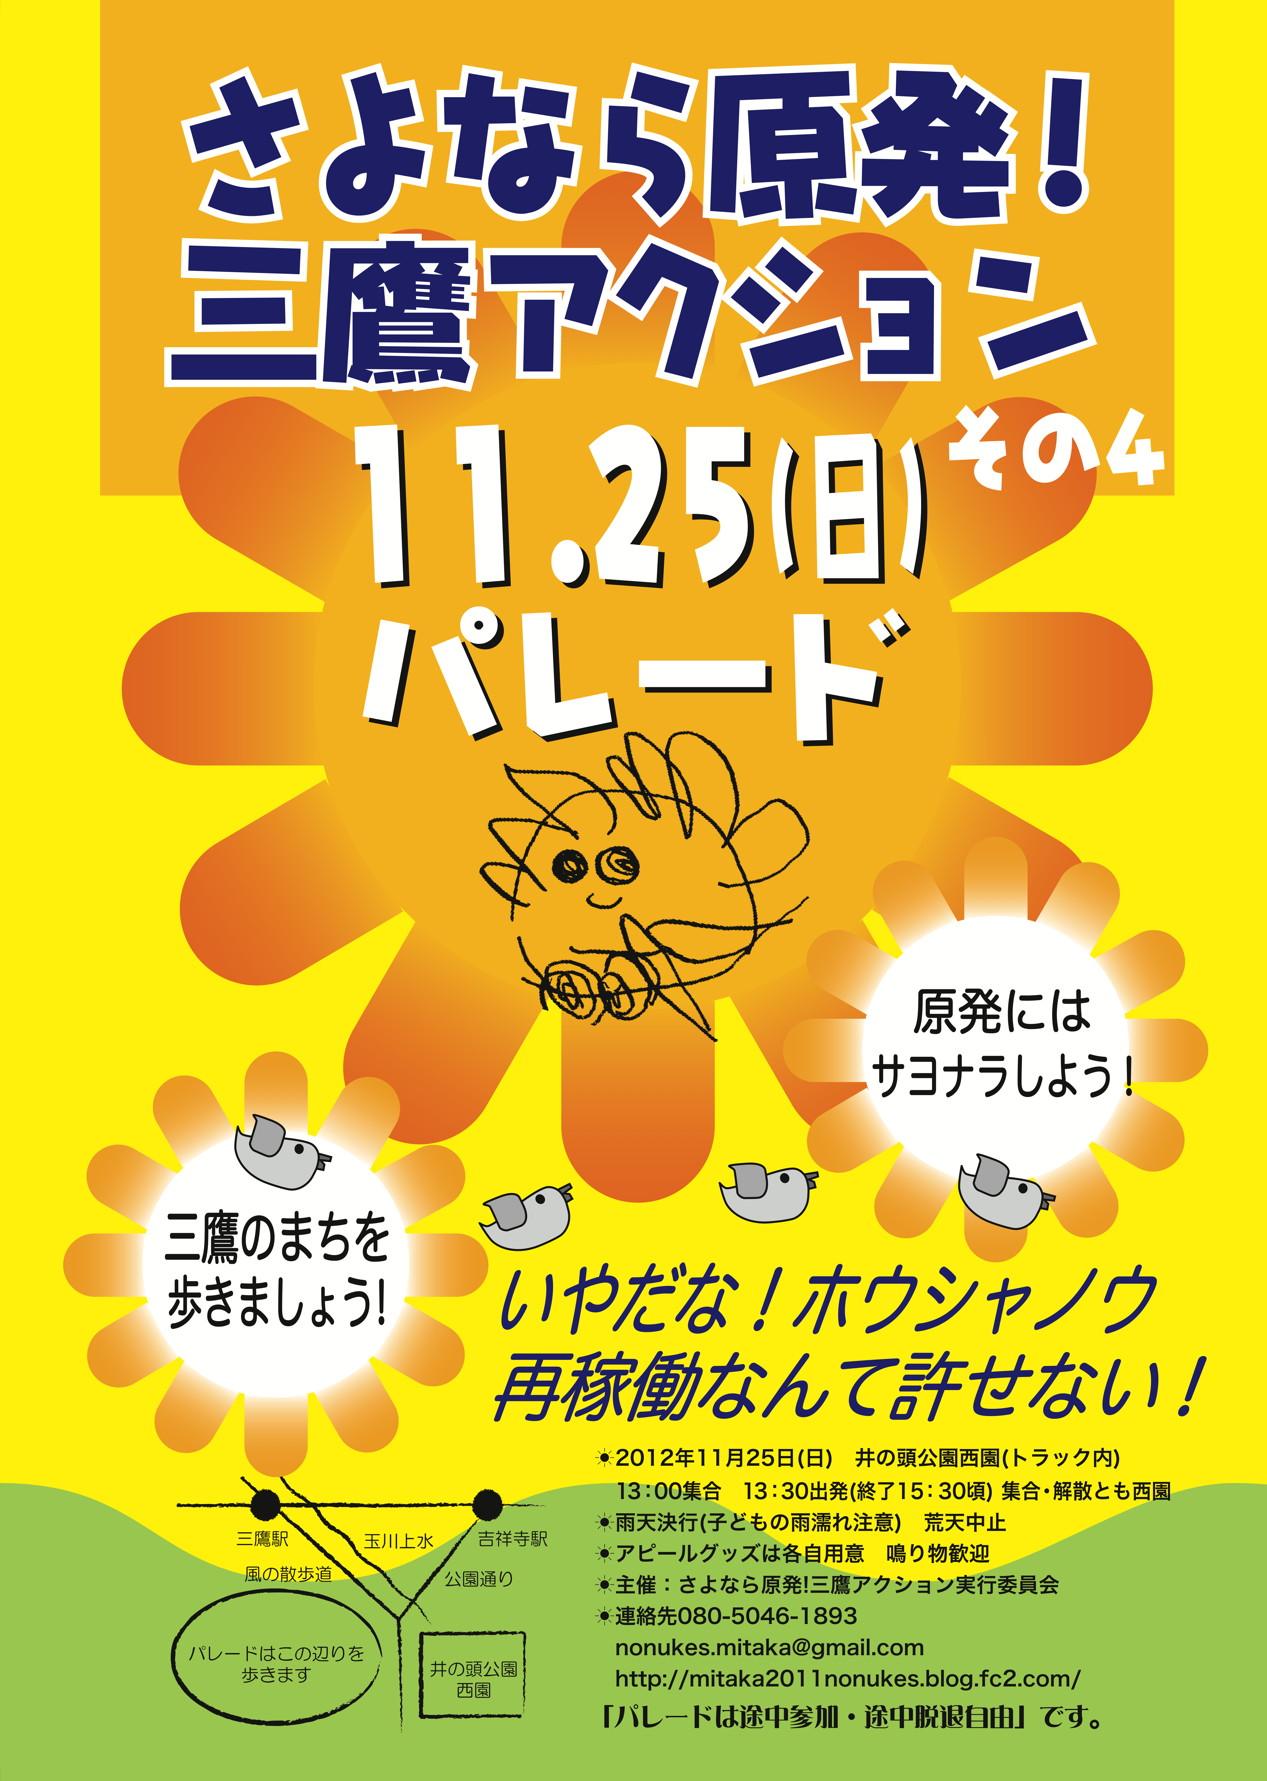 さよなら原発!三鷹アクション その4〜11.25 ポスター